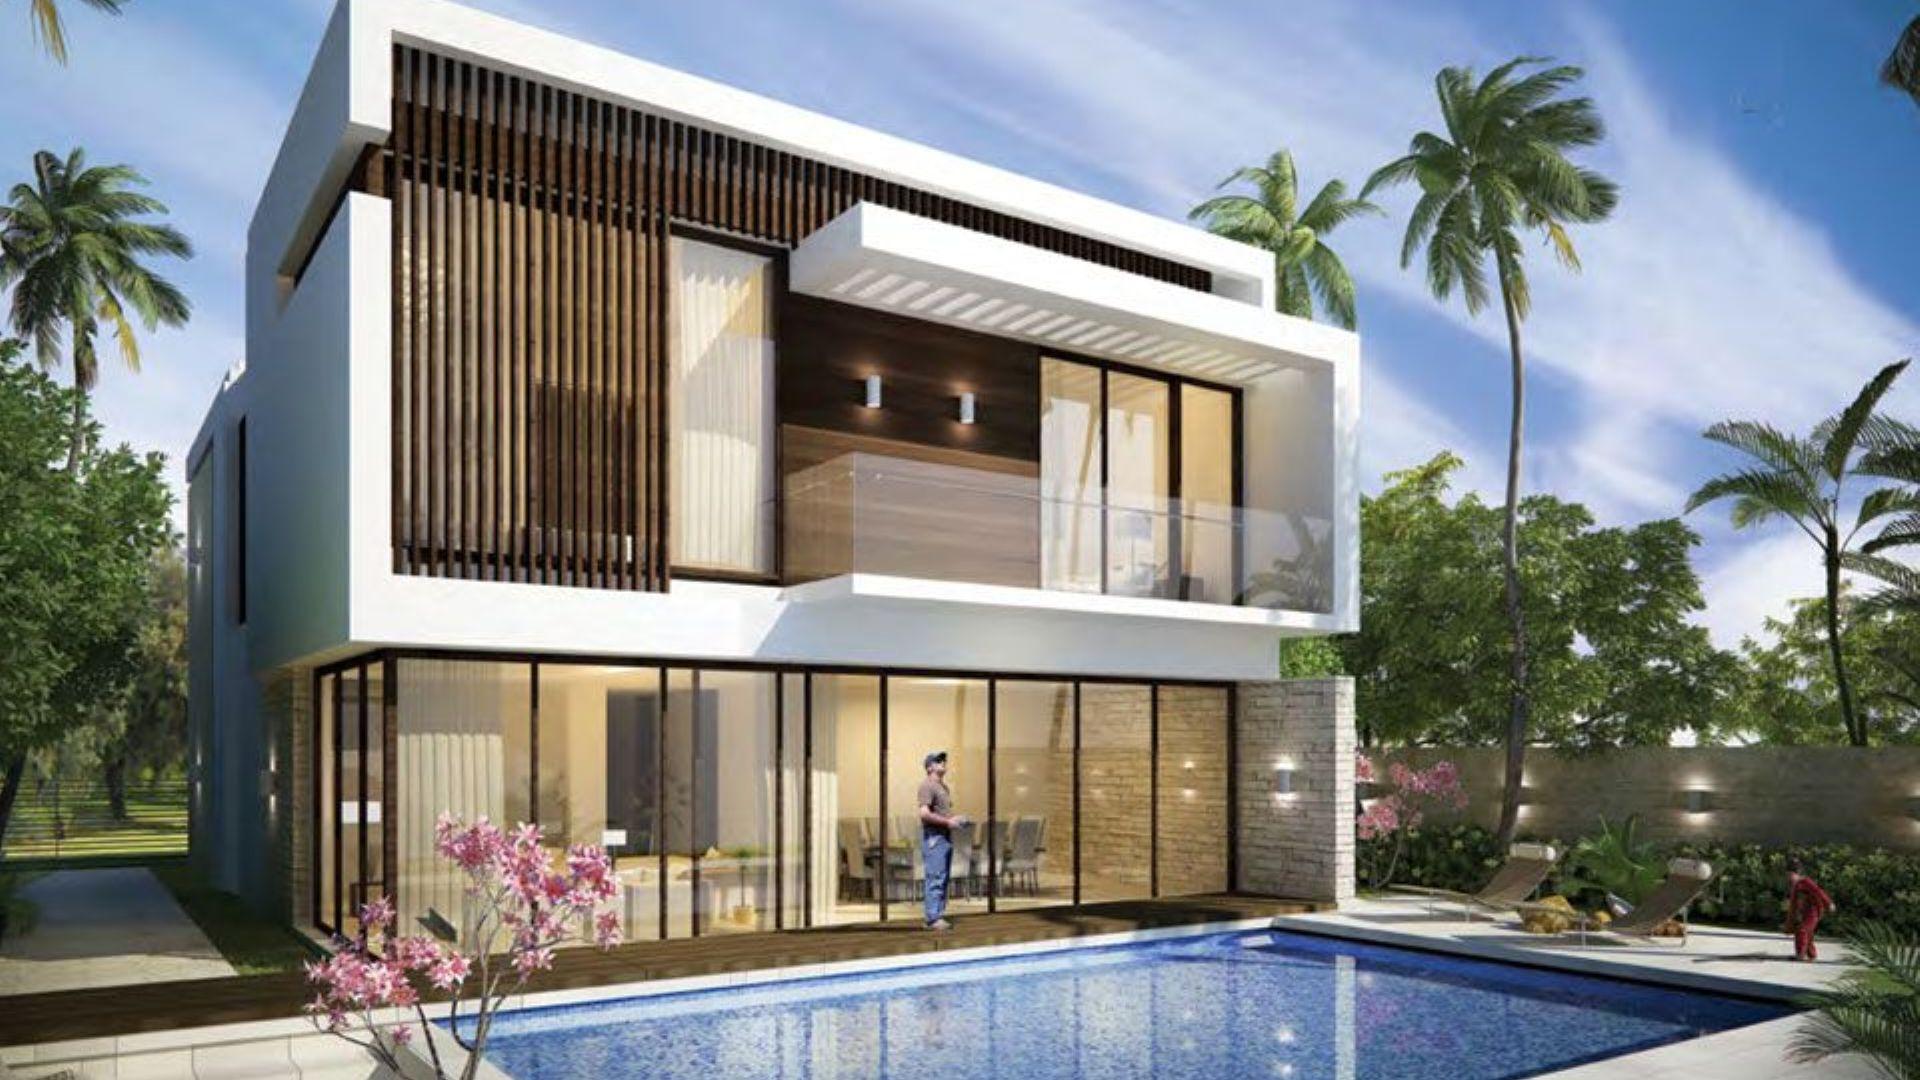 Villa en venta en Dubai, EAU, 5 dormitorios, 541 m2, № 24526 – foto 1